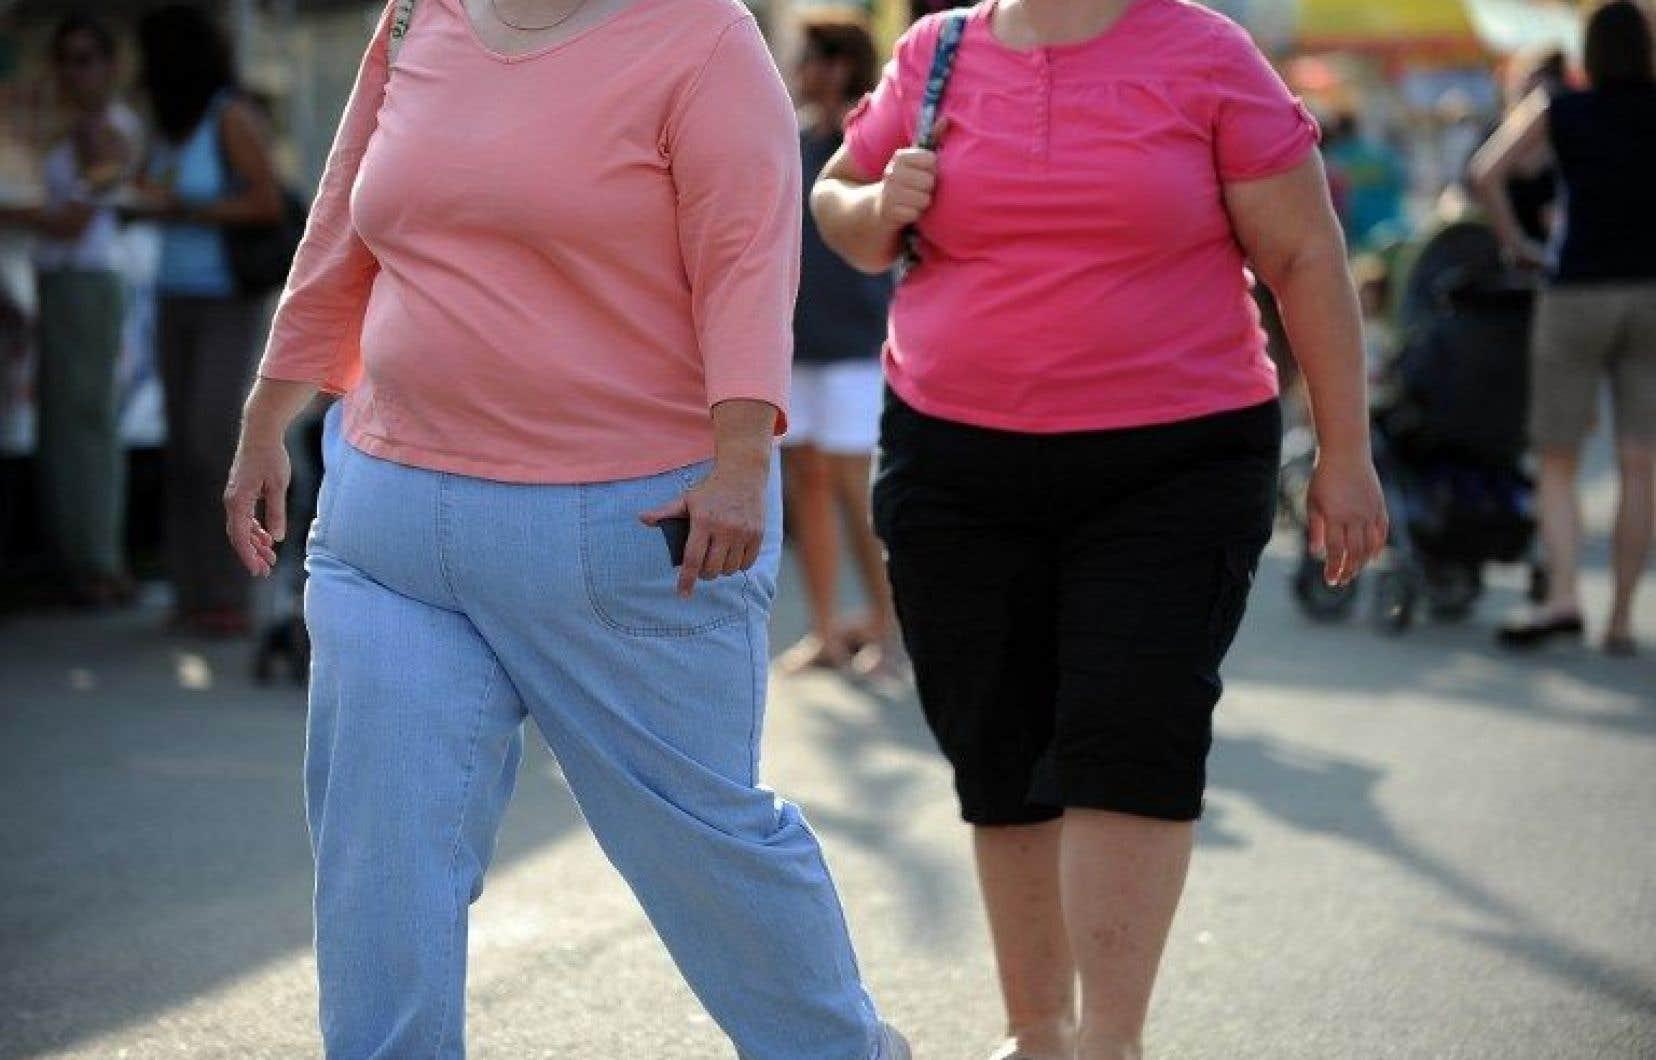 Un indice de masse corporelle (IMC) élevé, supérieur à 24,5, signale un surpoids. À partir de 30 on parle d'obésité.